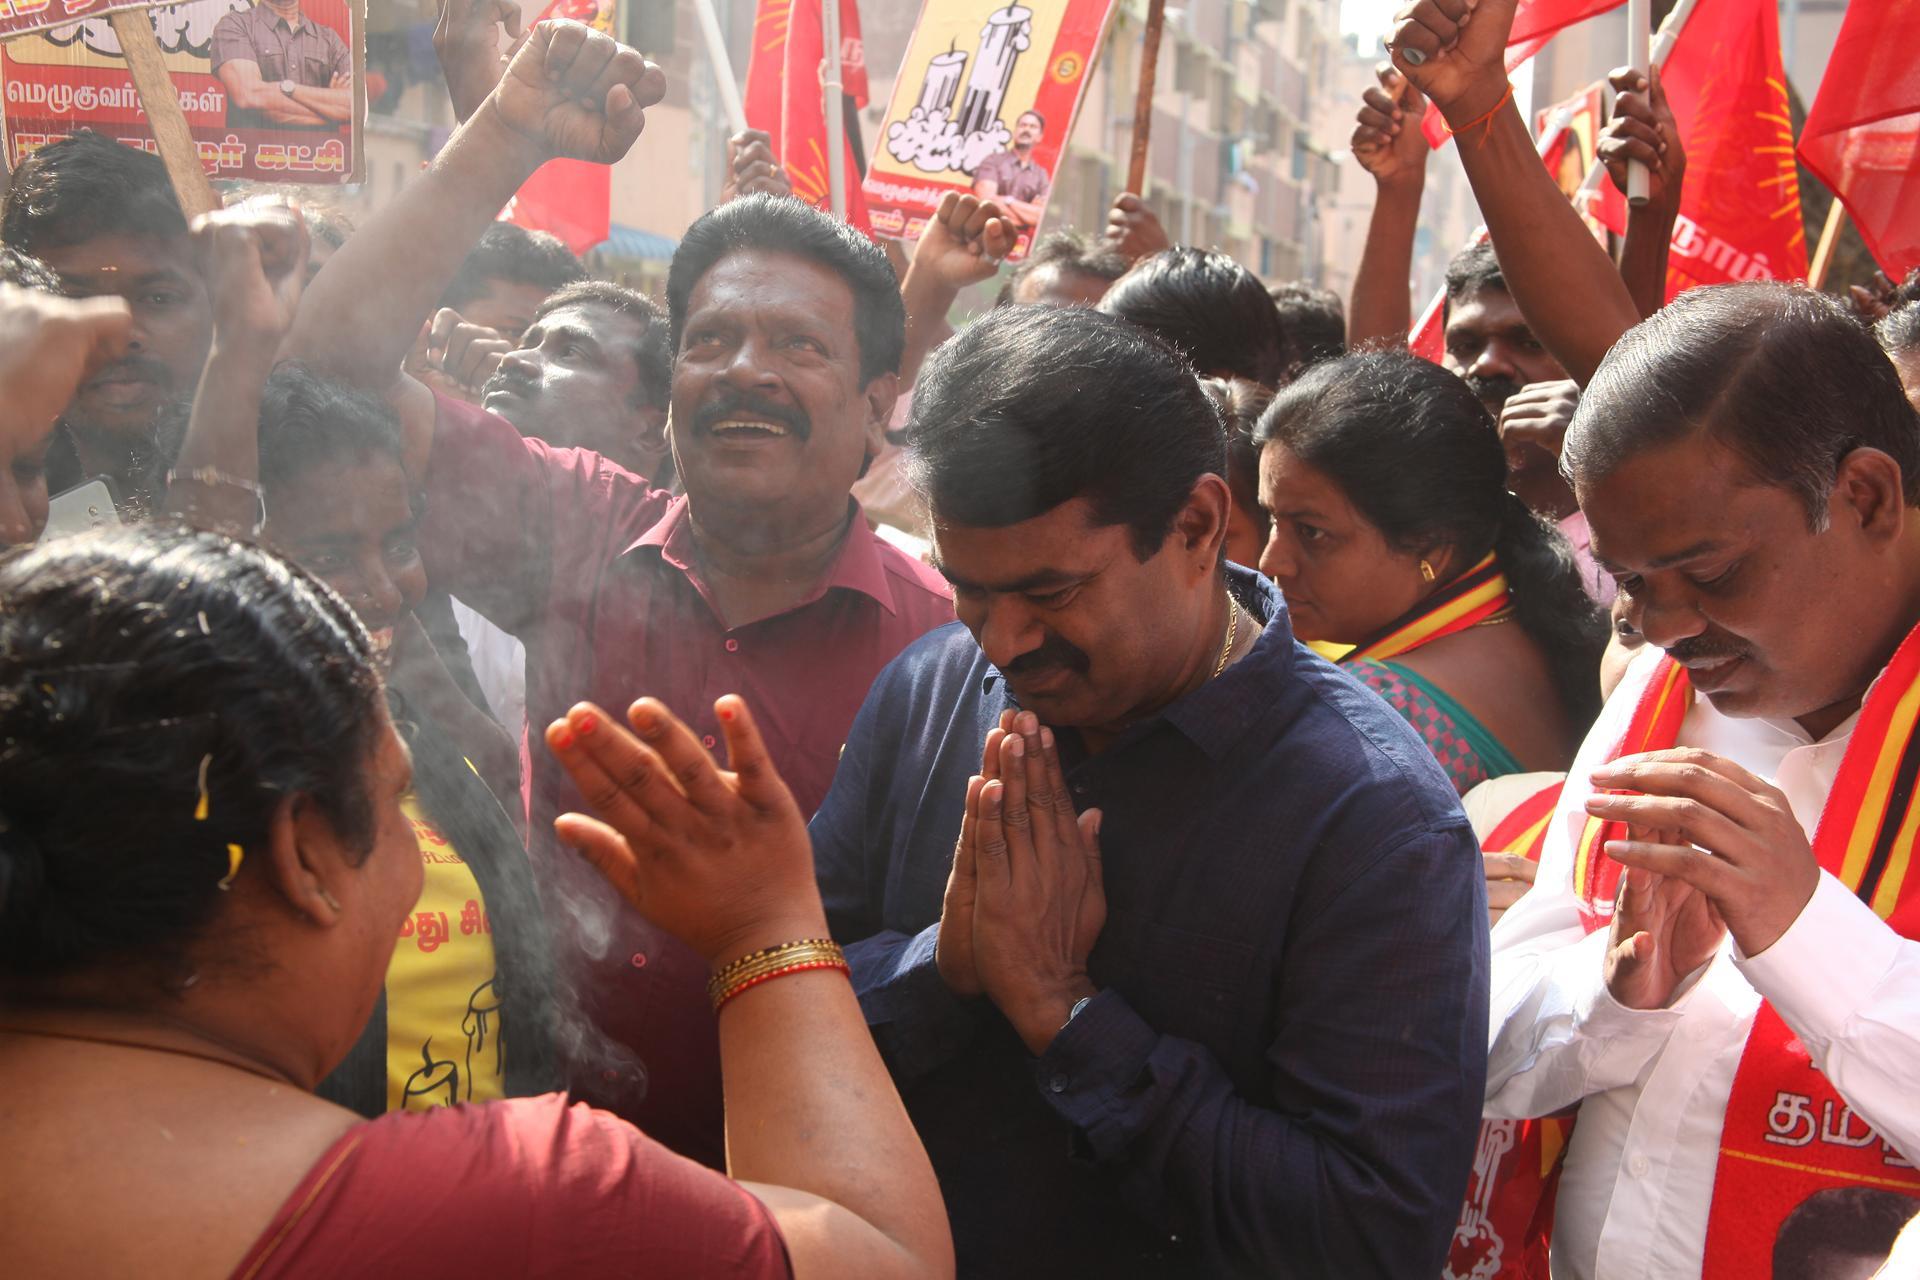 ஆர்.கே நகர் தேர்தல்களம்: 10-12-2017 10வது நாள் | சீமான் வாக்கு சேகரிப்பு மற்றும் பொதுக்கூட்டம்